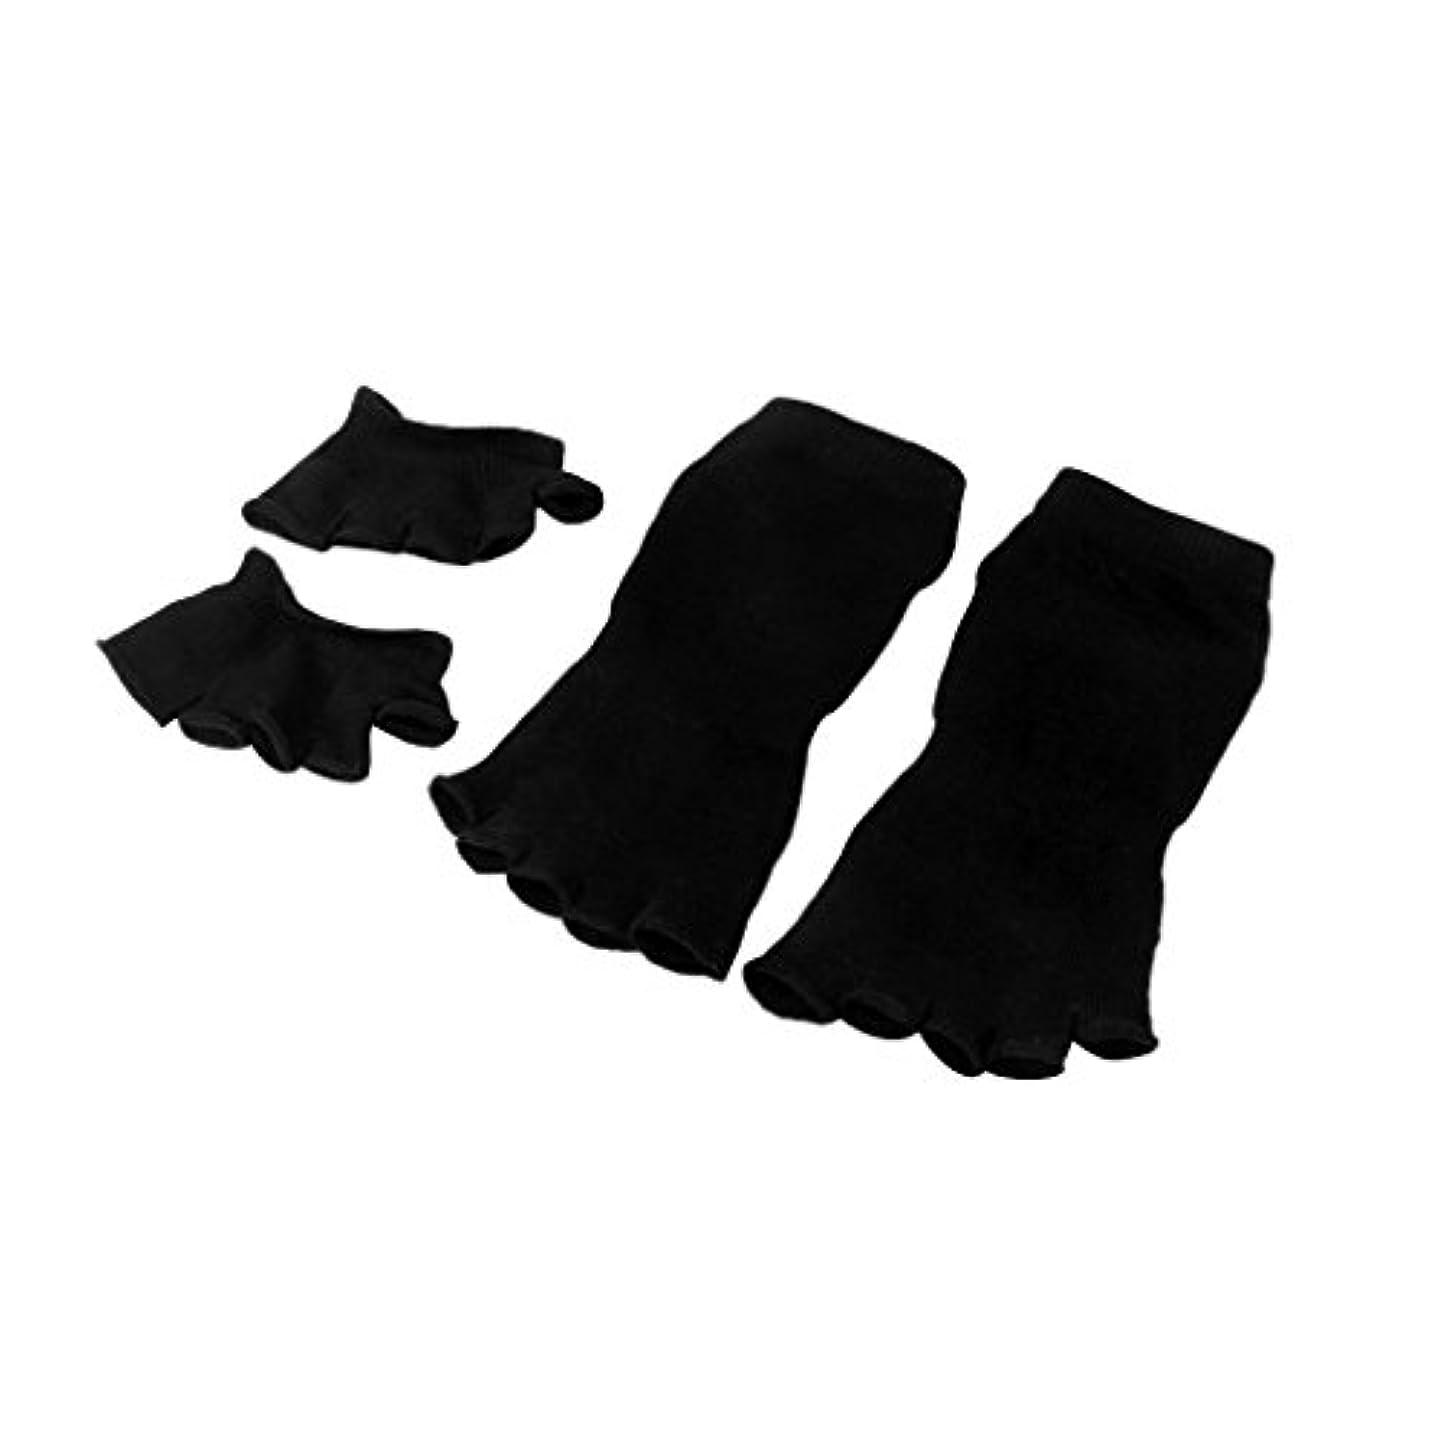 インスタント素晴らしい良い多くのスロット【Footful】ソックス 靴下 5本指つま先ソックス+爽快指の間カバー 4枚組 黒